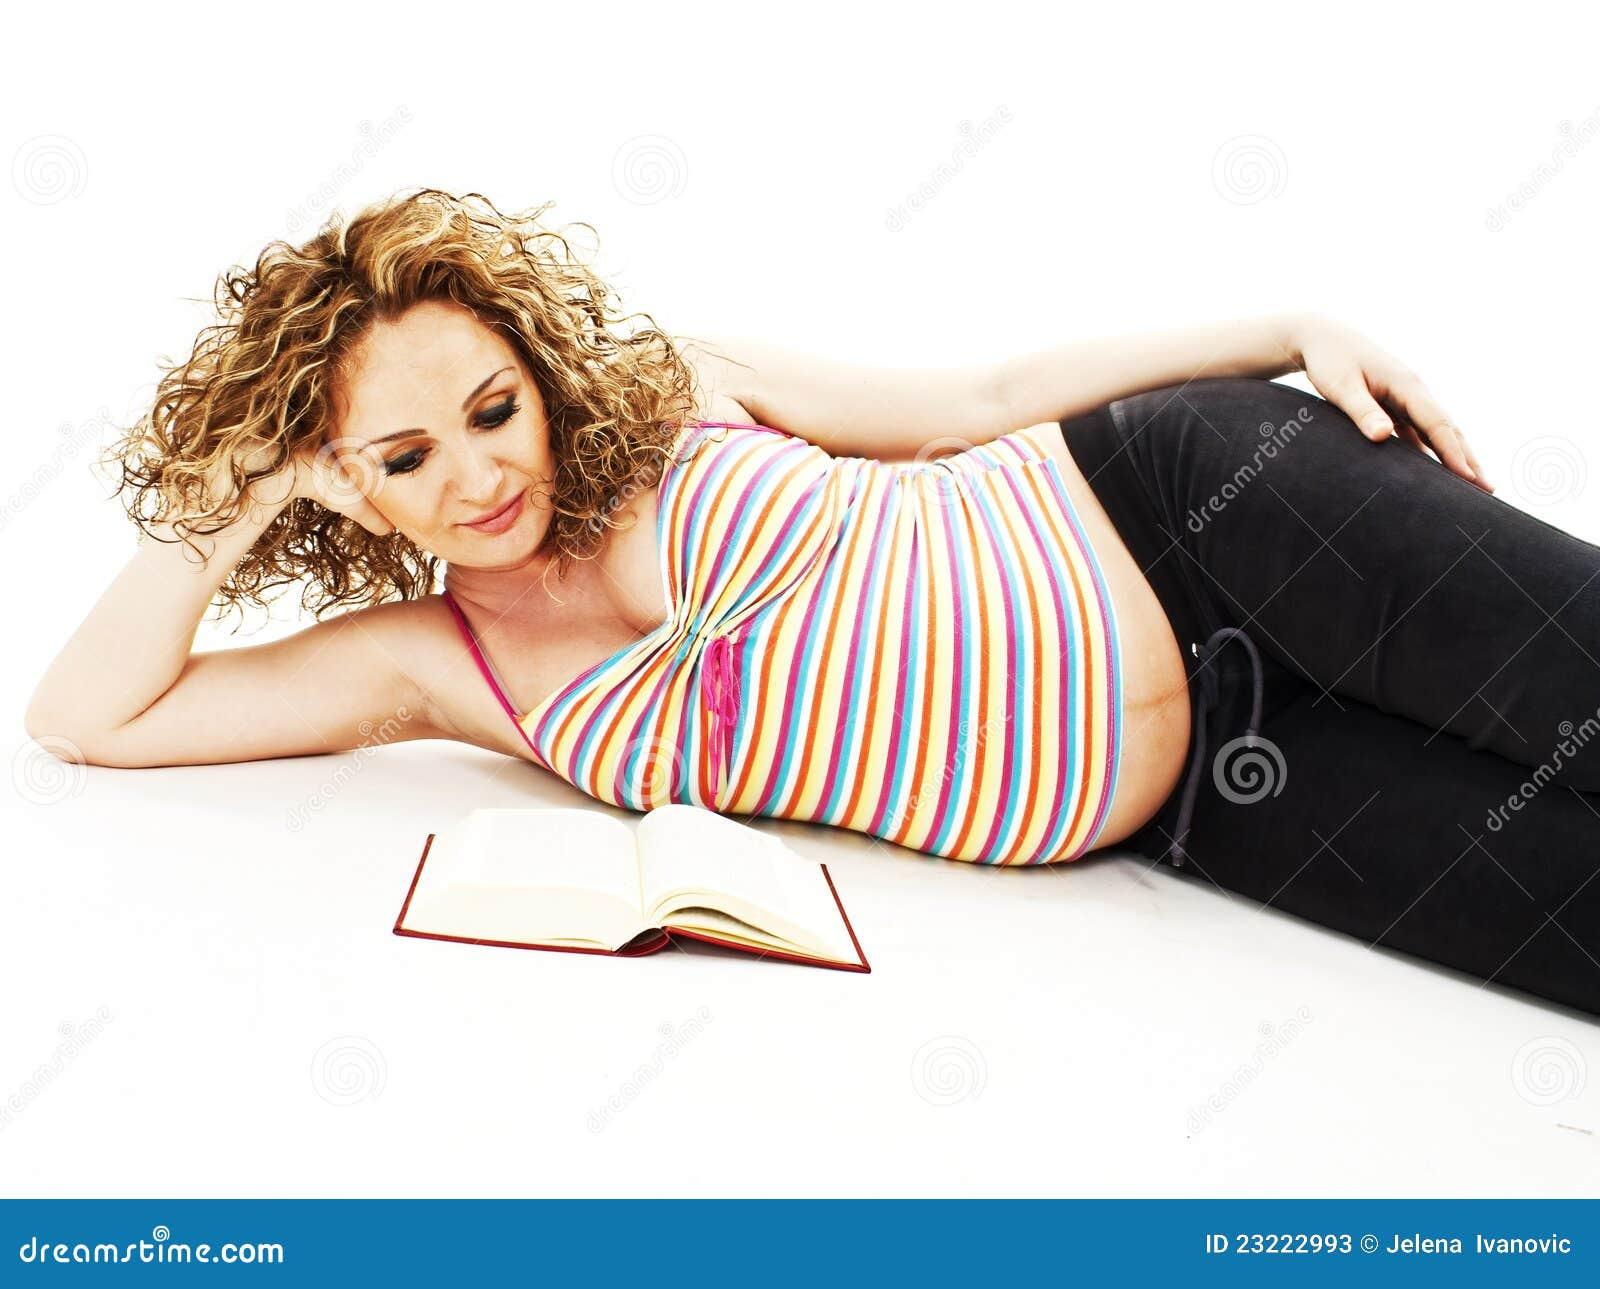 Mujer Leyendo El Libro En Blanco En El Jardín: La Mujer Embarazada Lee El Libro Fotos De Archivo